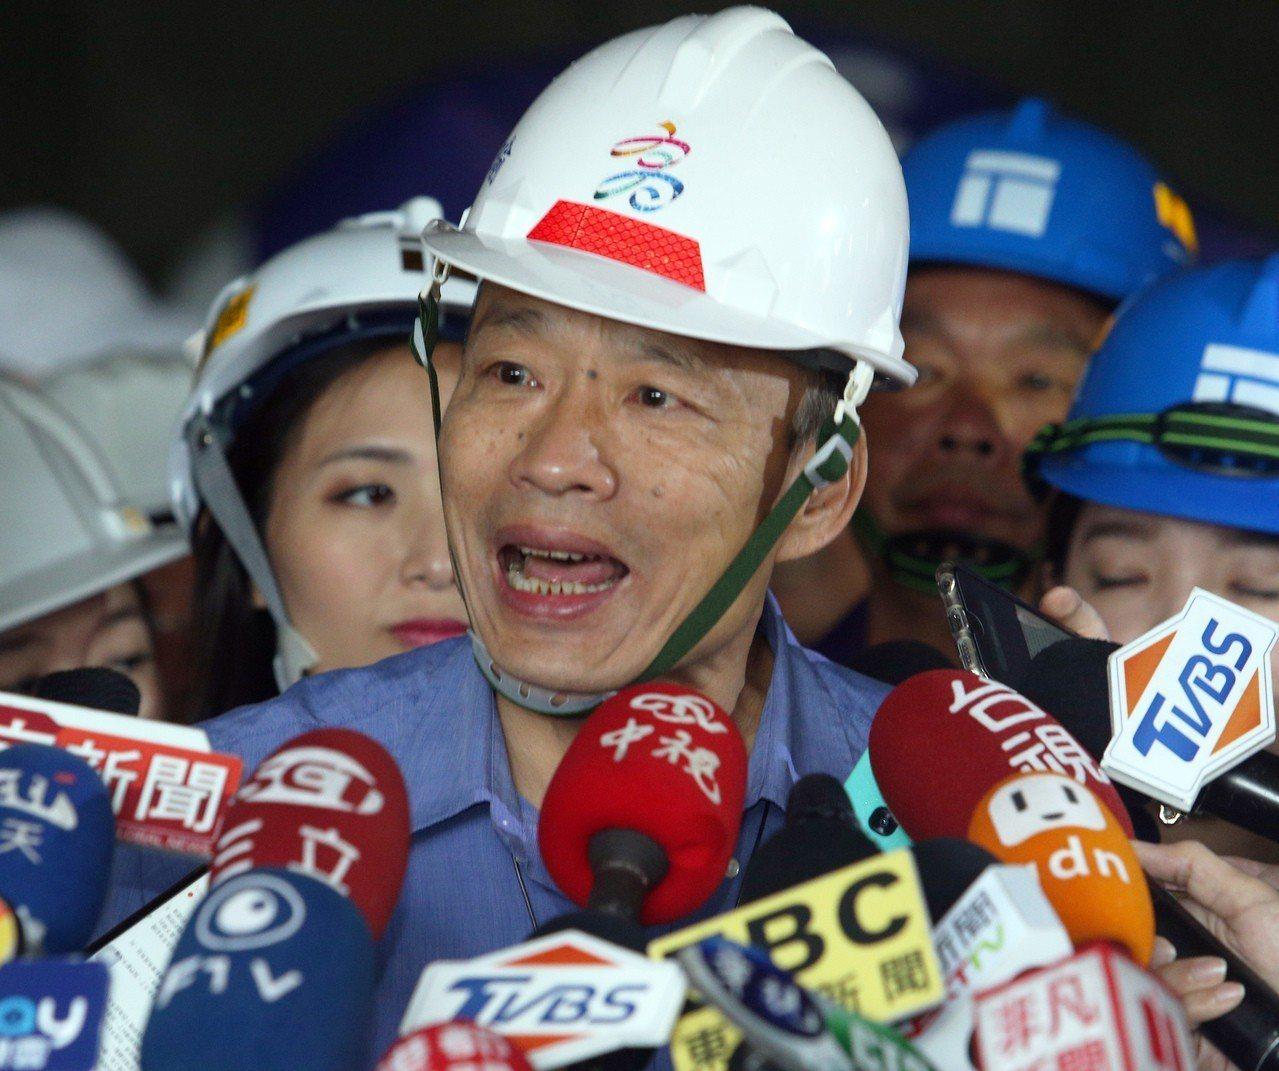 高雄市長韓國瑜表示治水工作一直都在進行,請大家多給點時間。記者劉學聖/攝影